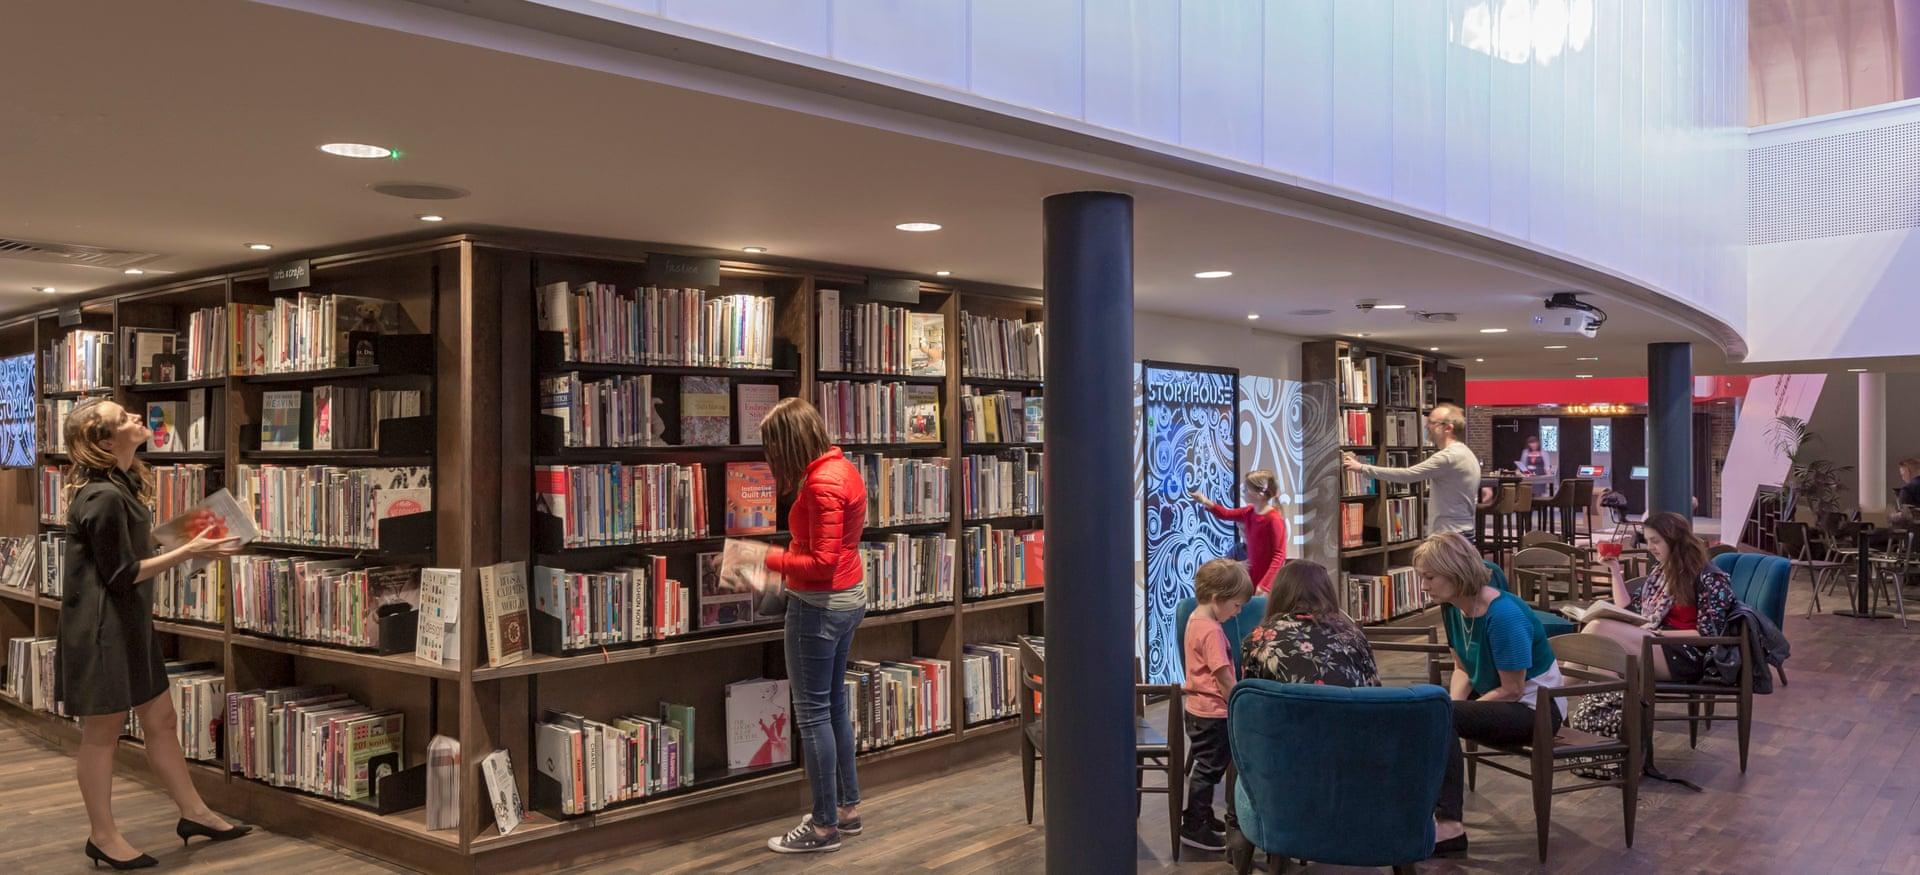 El centro cultural Storyhouse tiene asientos flexibles, loops de audio y vestuarios accesibles para el backstage. Fotografía: Peter Cook / Vista